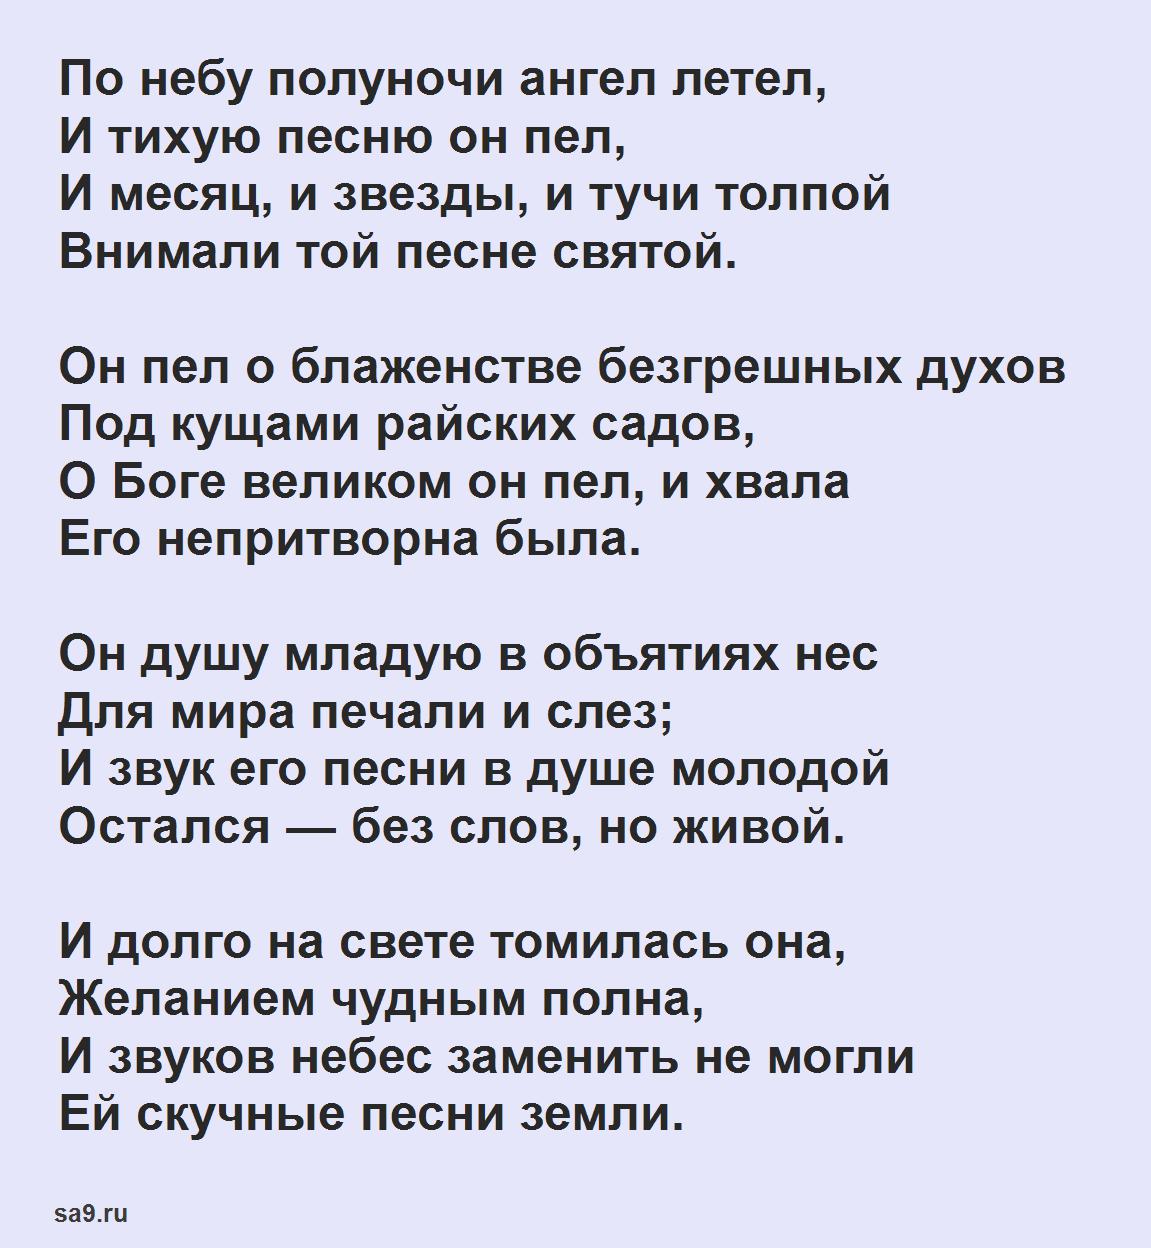 Лермонтов стихи о любви - Ангел